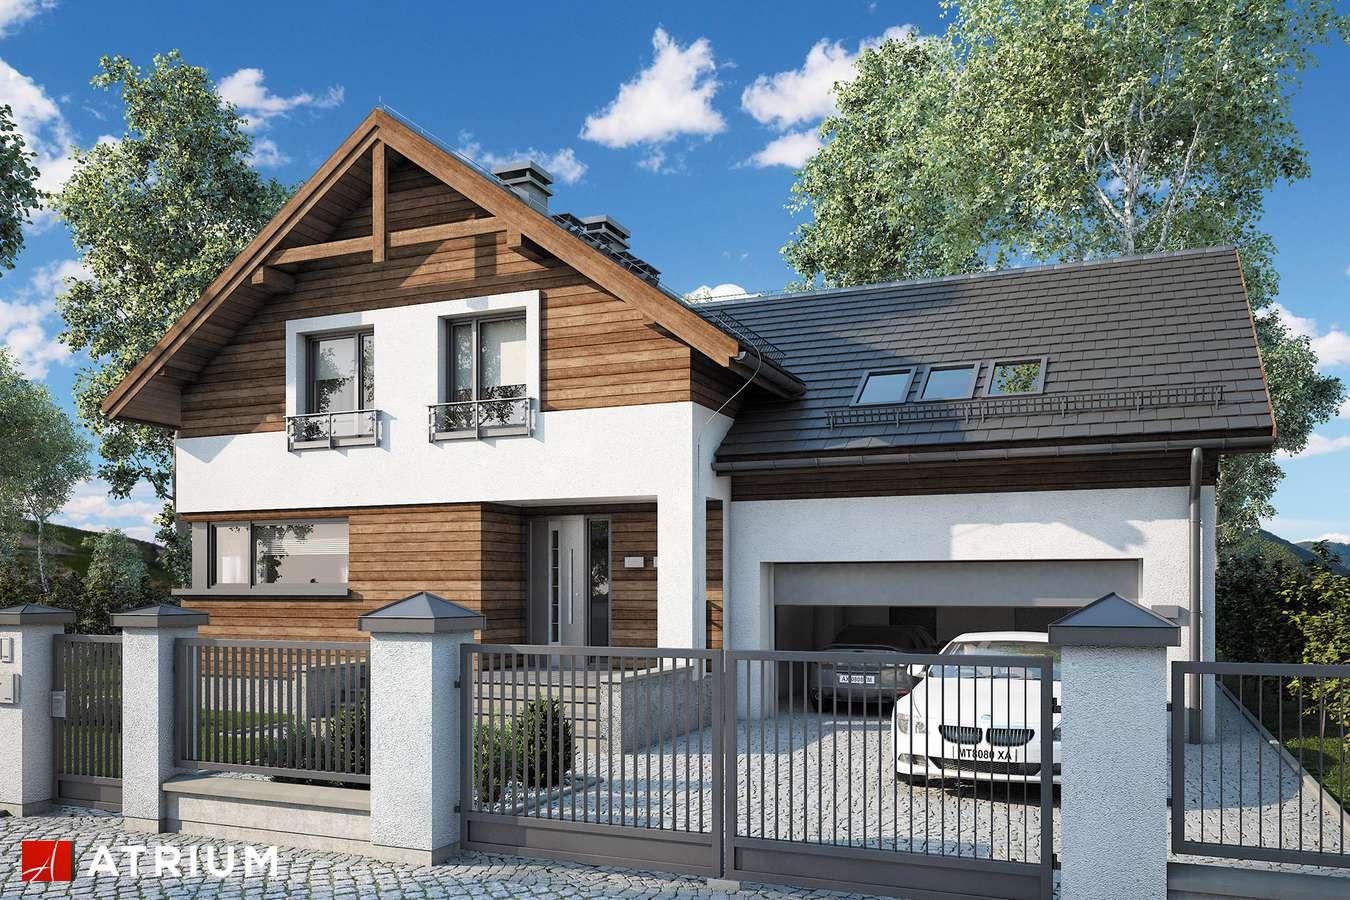 Projekty domów - Projekt domu z poddaszem JUPITER V - wizualizacja 1 - wersja lustrzana